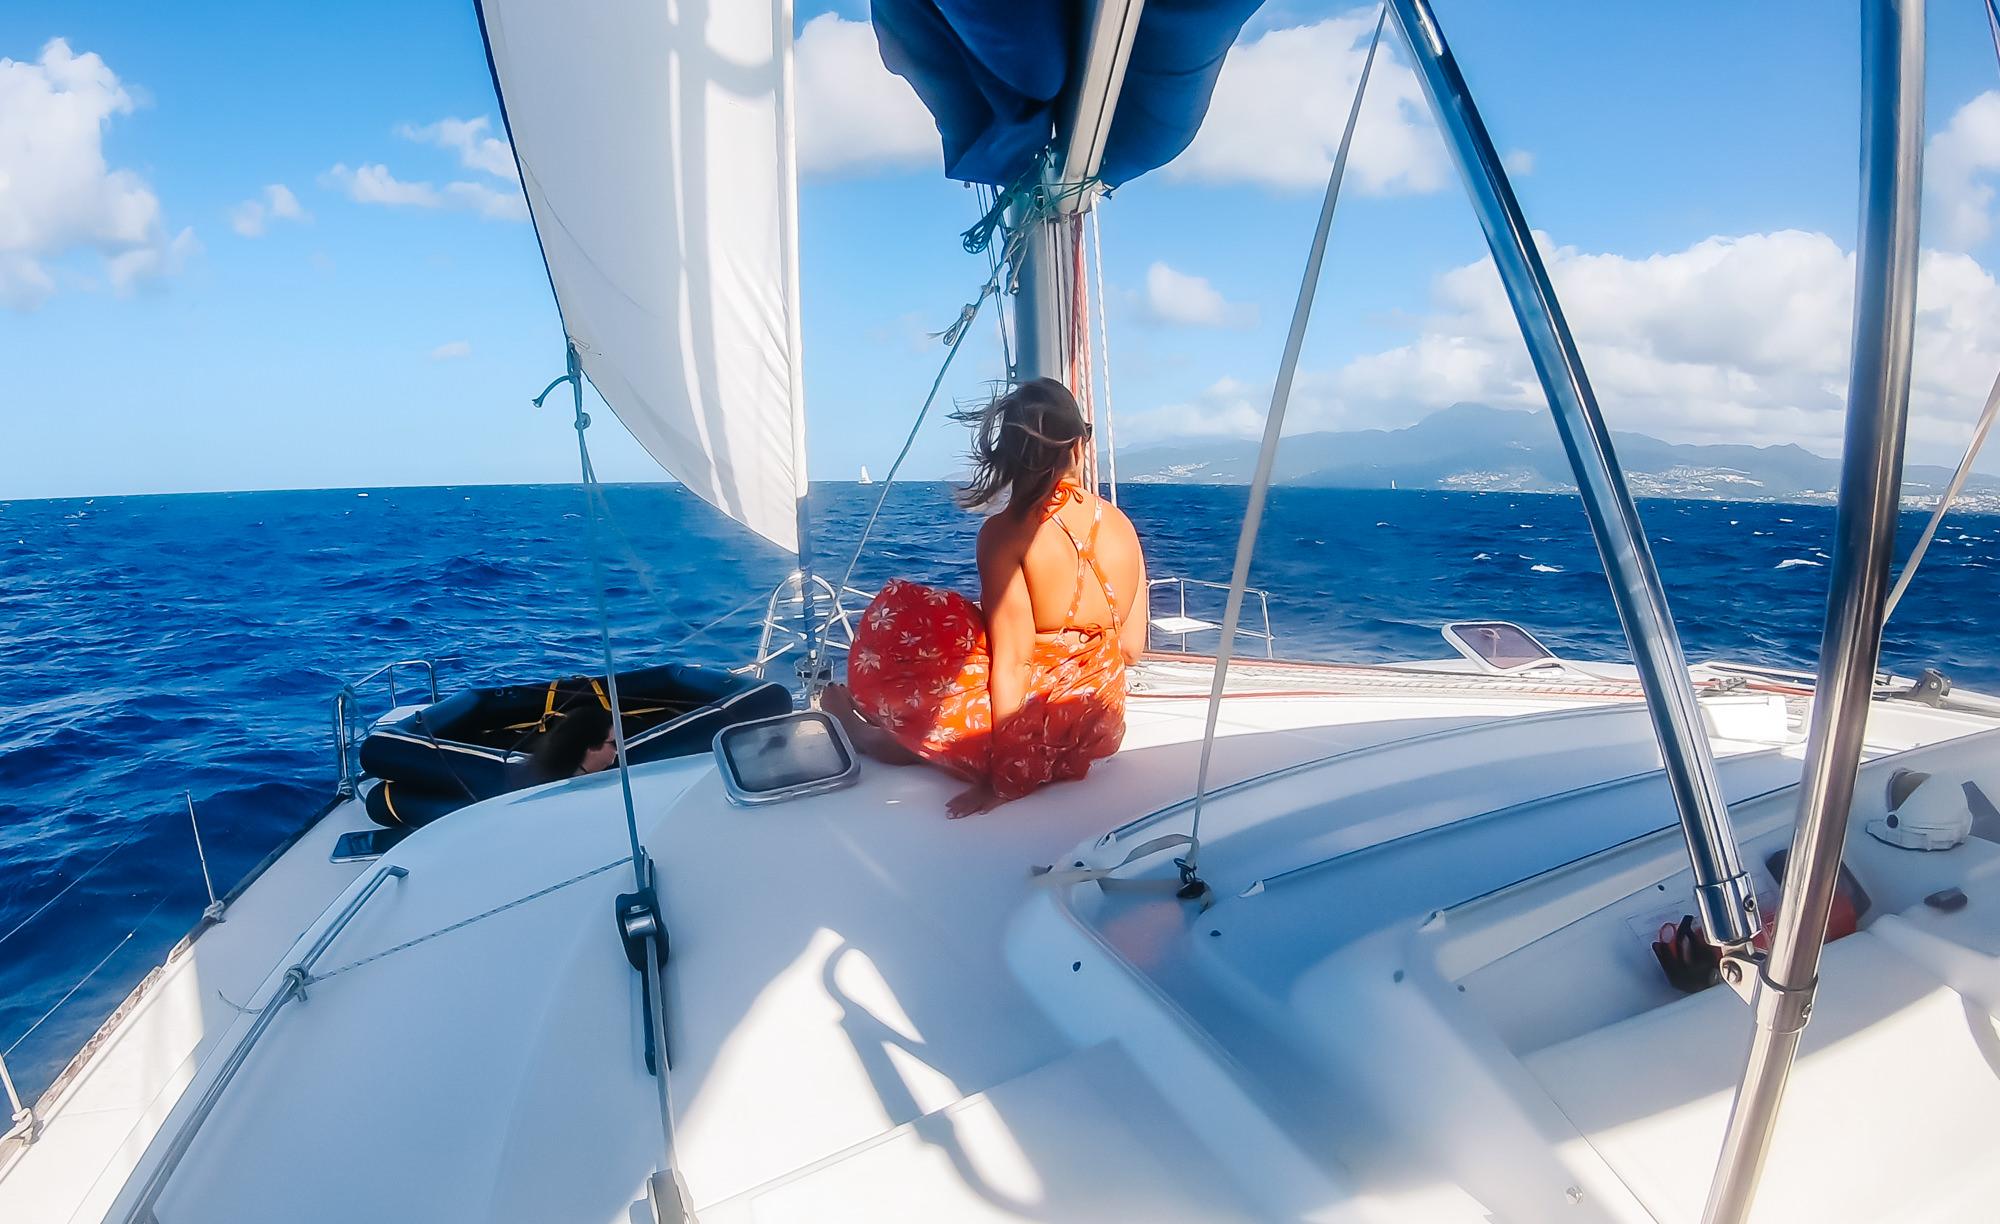 Alyssa getting the prime view in Martinique